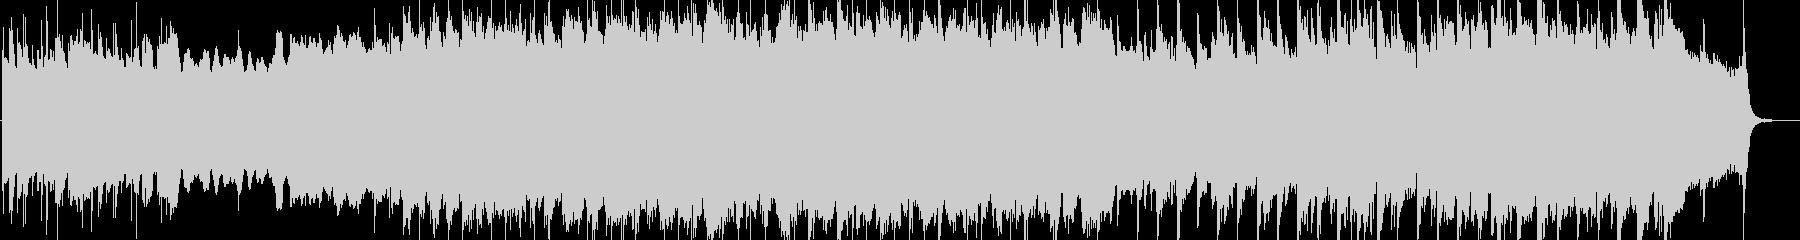 ケルトの儀式的な曲の未再生の波形